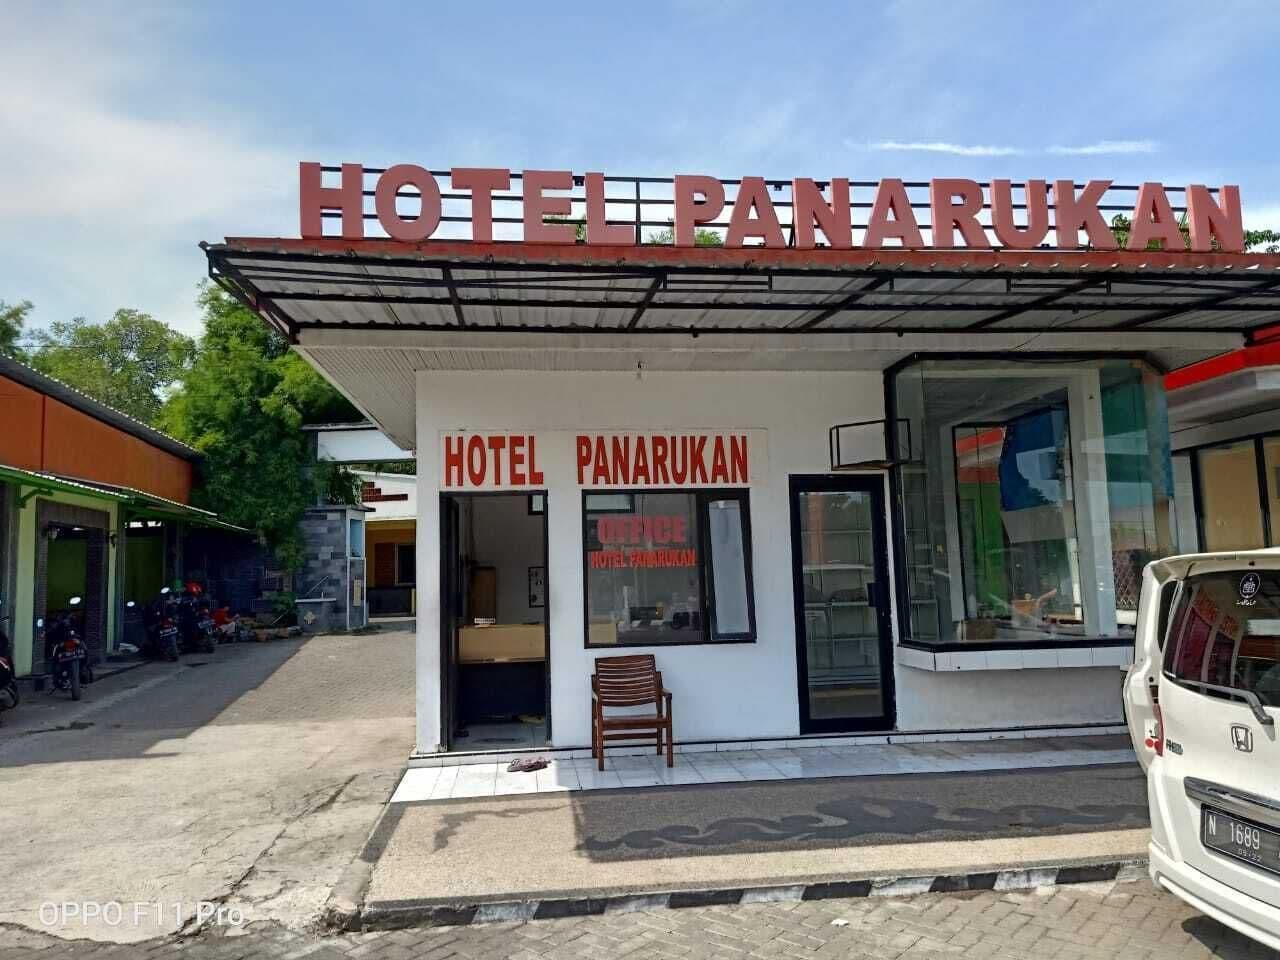 Hotel Panarukan, Situbondo